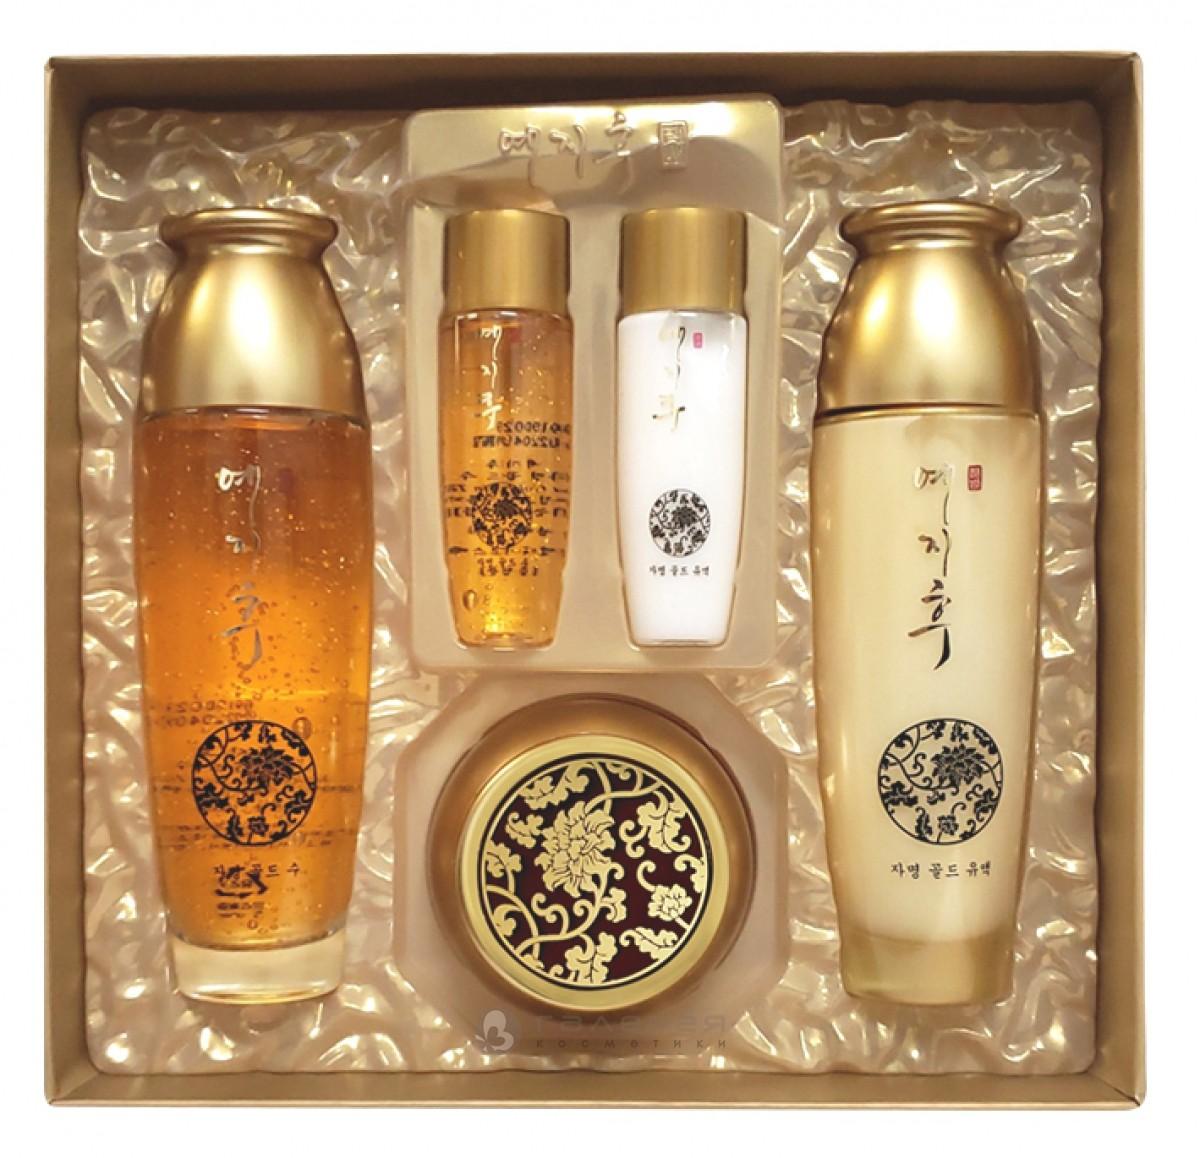 Ye-Zi-Hu-Gold-Ginseng_3_2000x2000